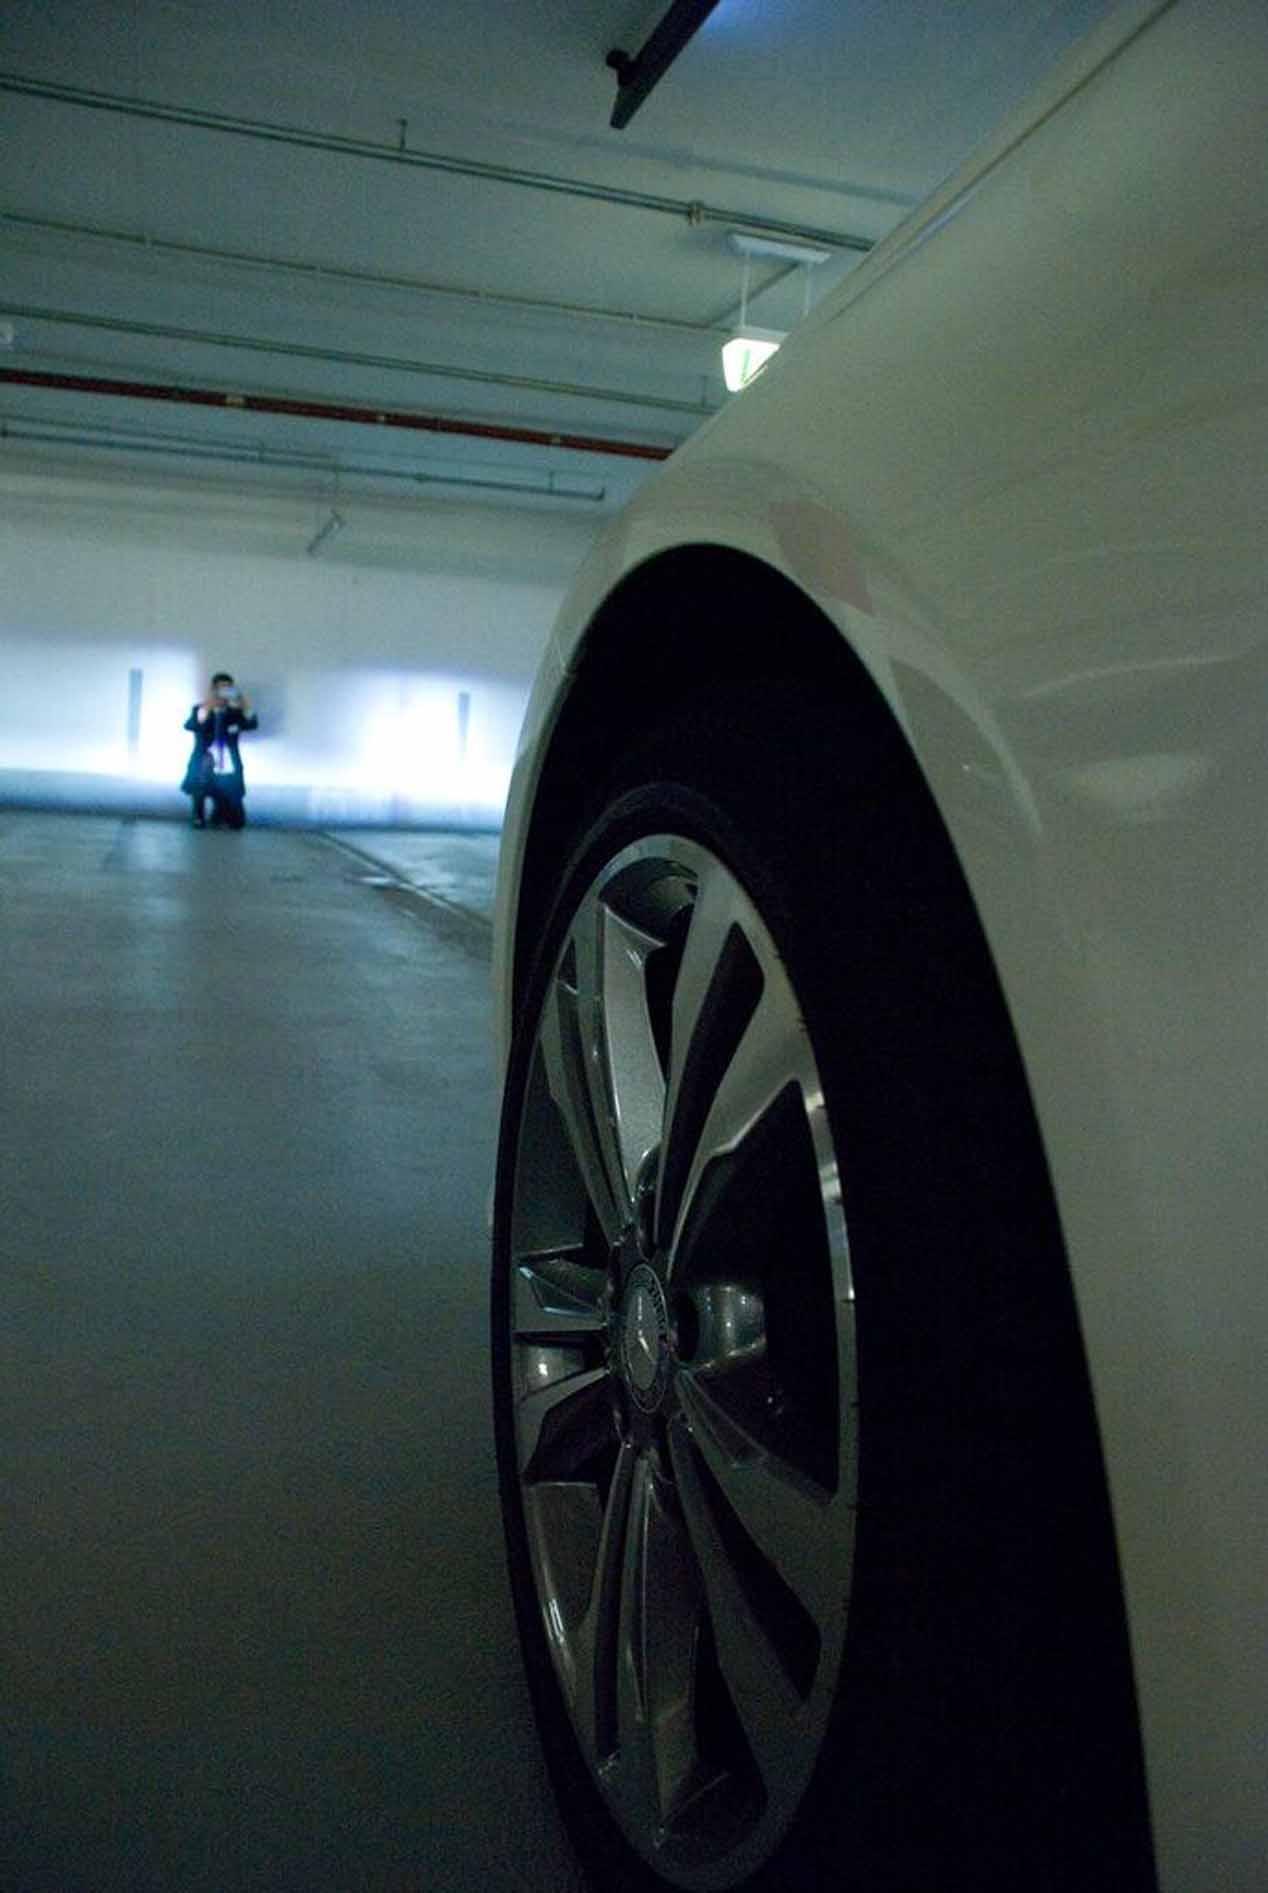 Los faros adaptativos HD de led, con su alta resolución, detectan coches o personas y los enmascaran apagando los puntos de luz implicados para evitar deslumbrar al peatón.